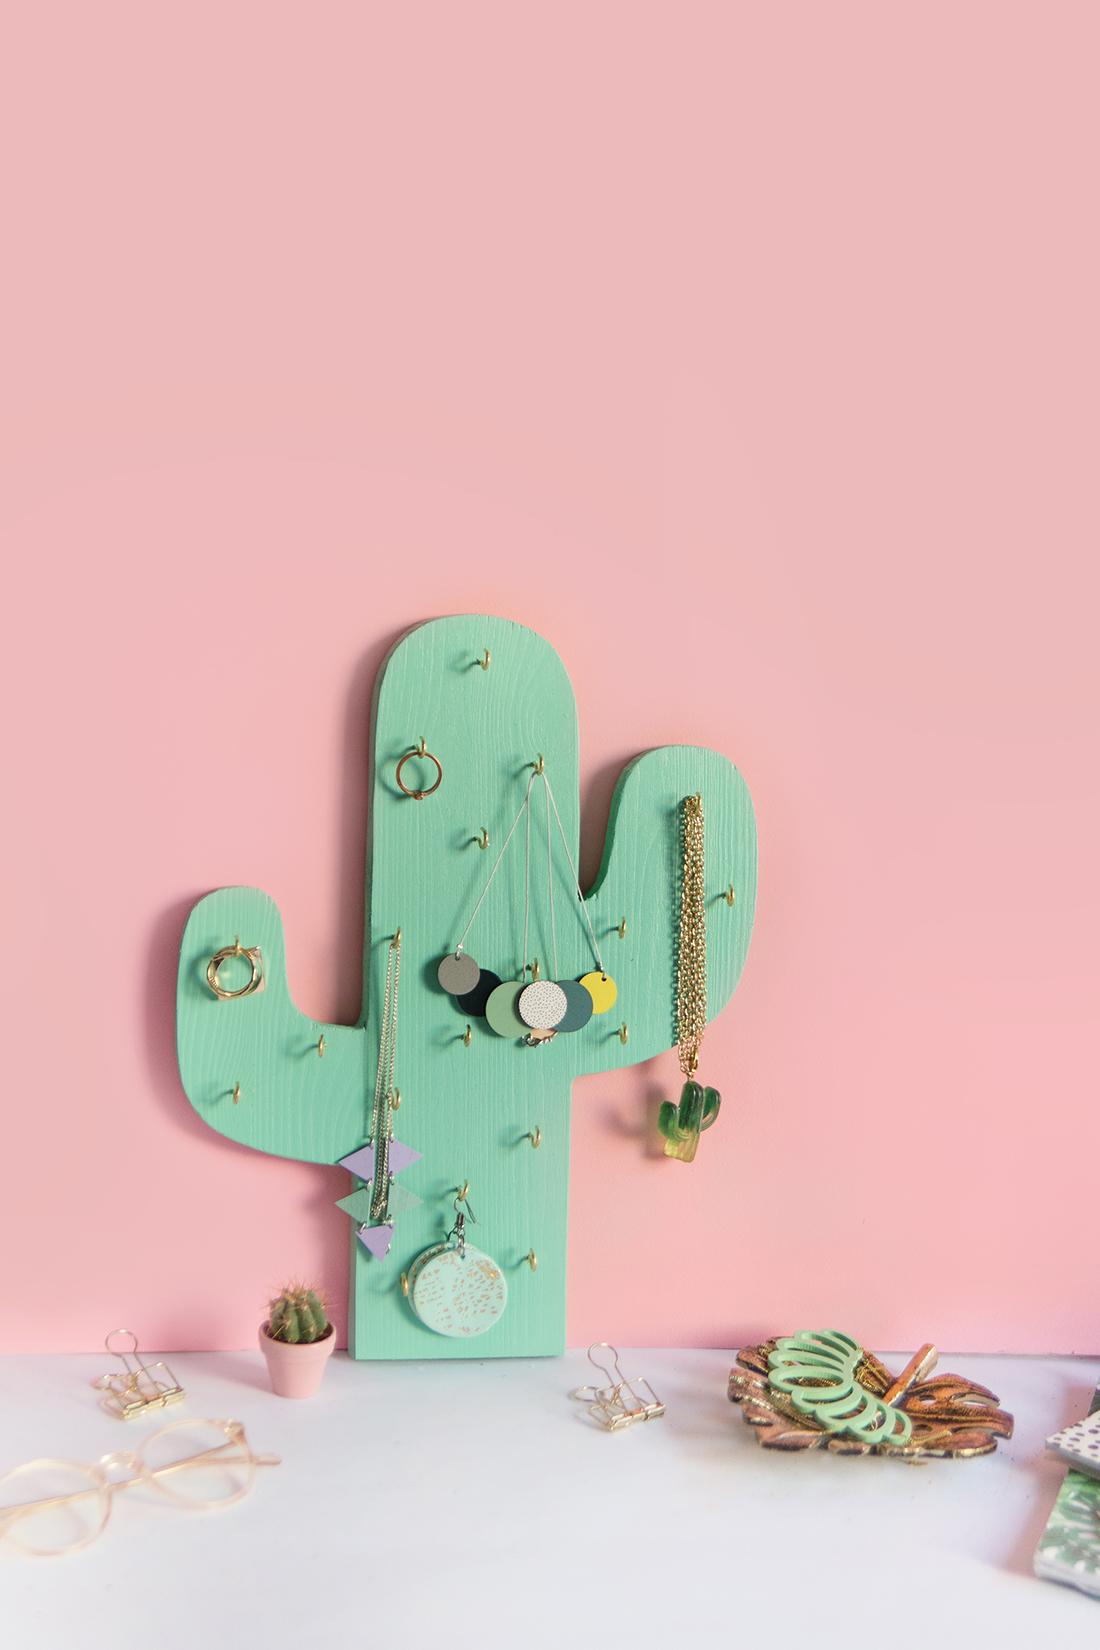 Diy schmuckhalter kaktus aus holz selbermachen mein feenstaub - Schmuckhalter basteln ...